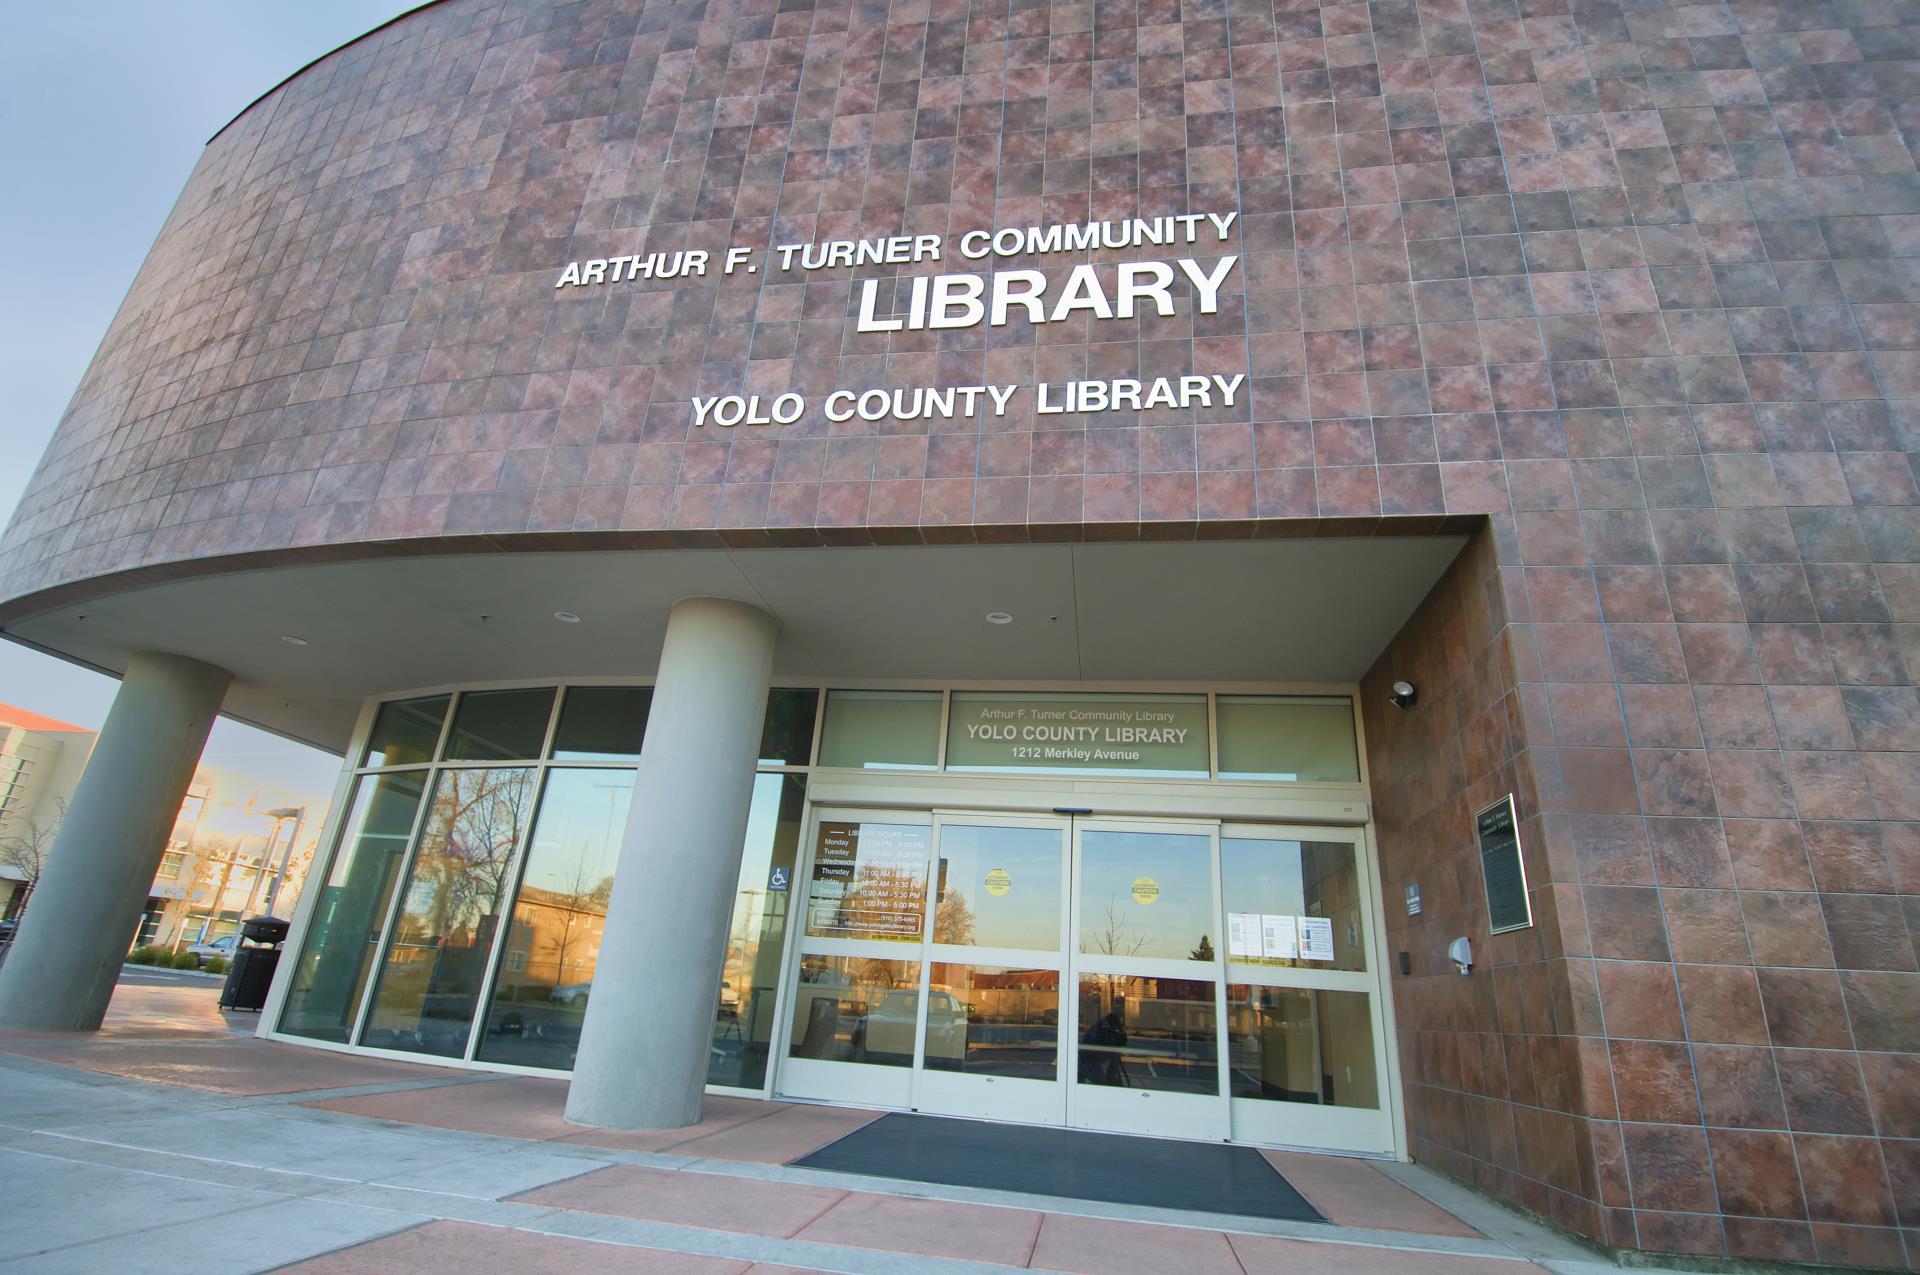 サクラメントの図書館に3Dプリンターが設置、市民が無料利用へ